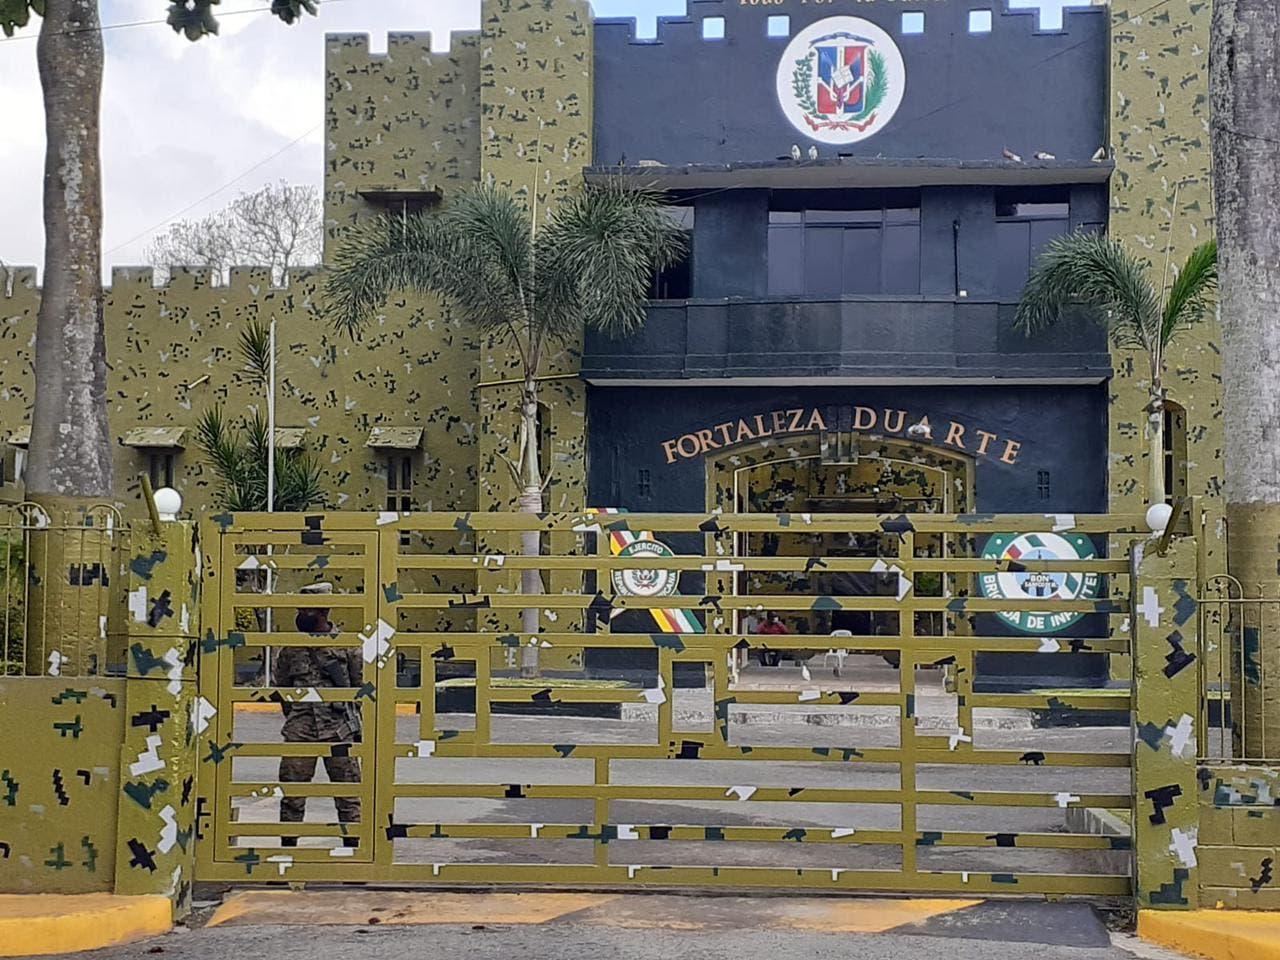 Juez dicta coerción a interno que mató a otro en la Fortaleza Duarte